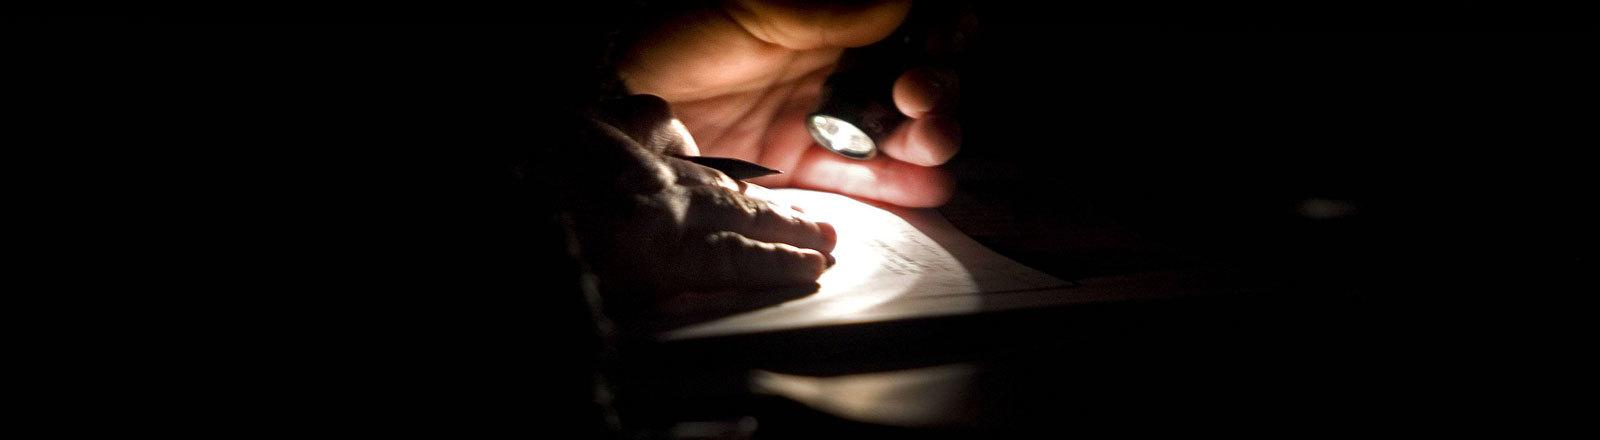 Schreiben im Dunkeln